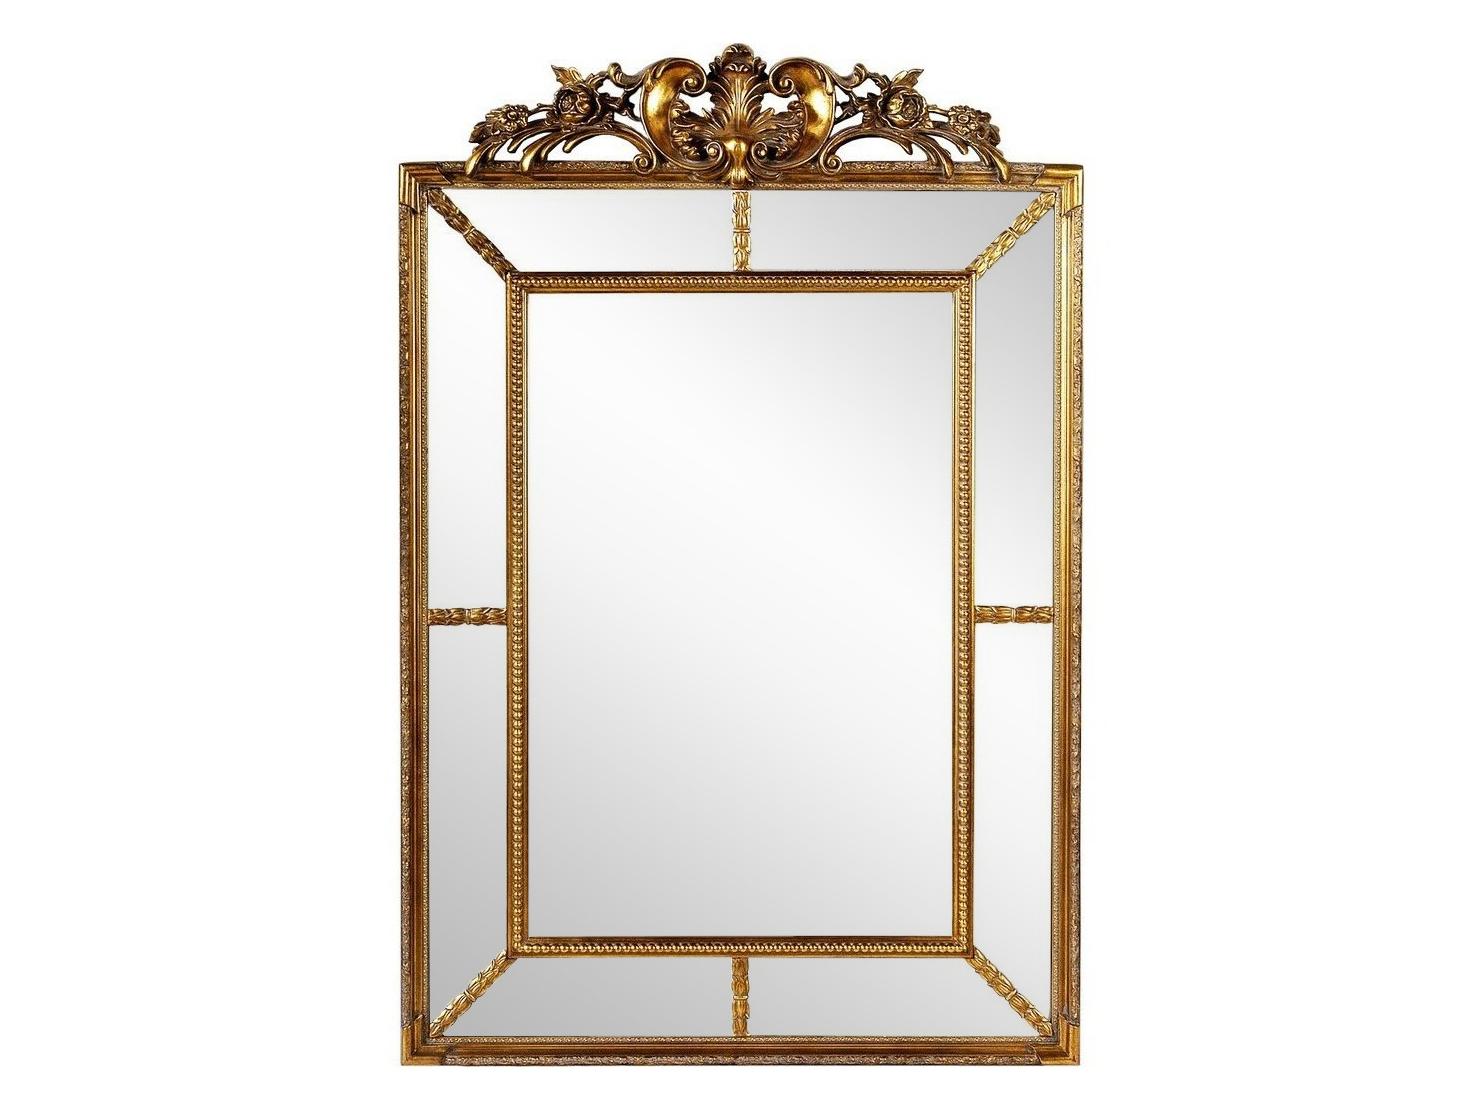 Зеркало ЛанкастерНастенные зеркала<br>Крепления входят в стоимость.<br><br>Material: Пластик<br>Ширина см: 94<br>Высота см: 143.0<br>Глубина см: 6.0